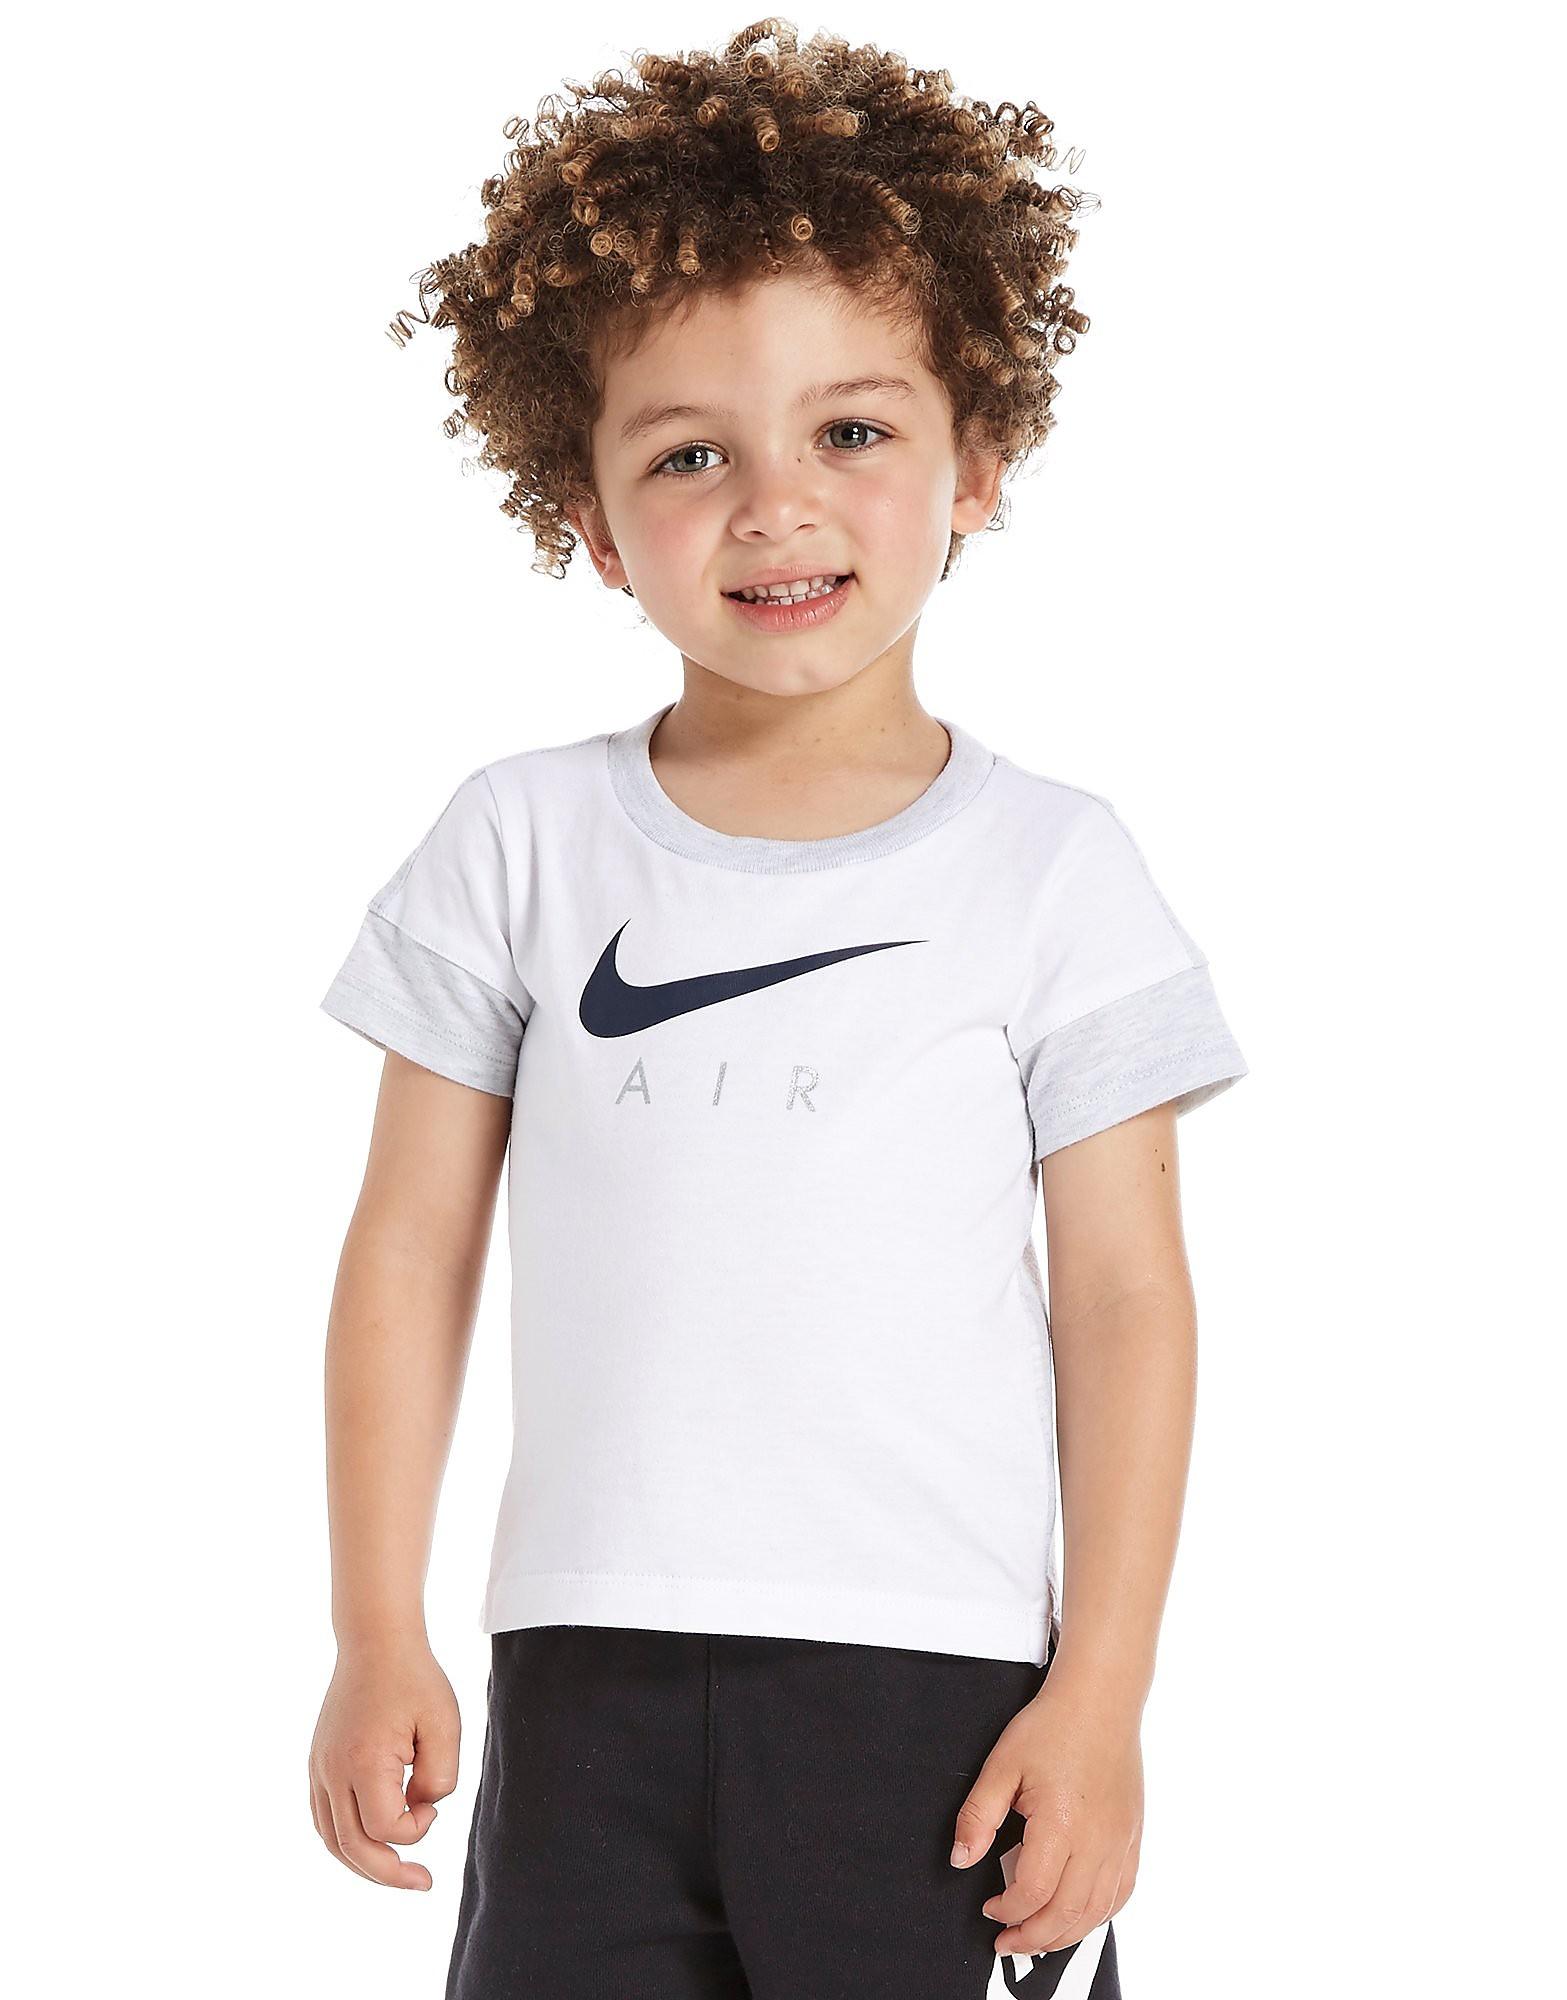 Nike Air T-Shirt Infant